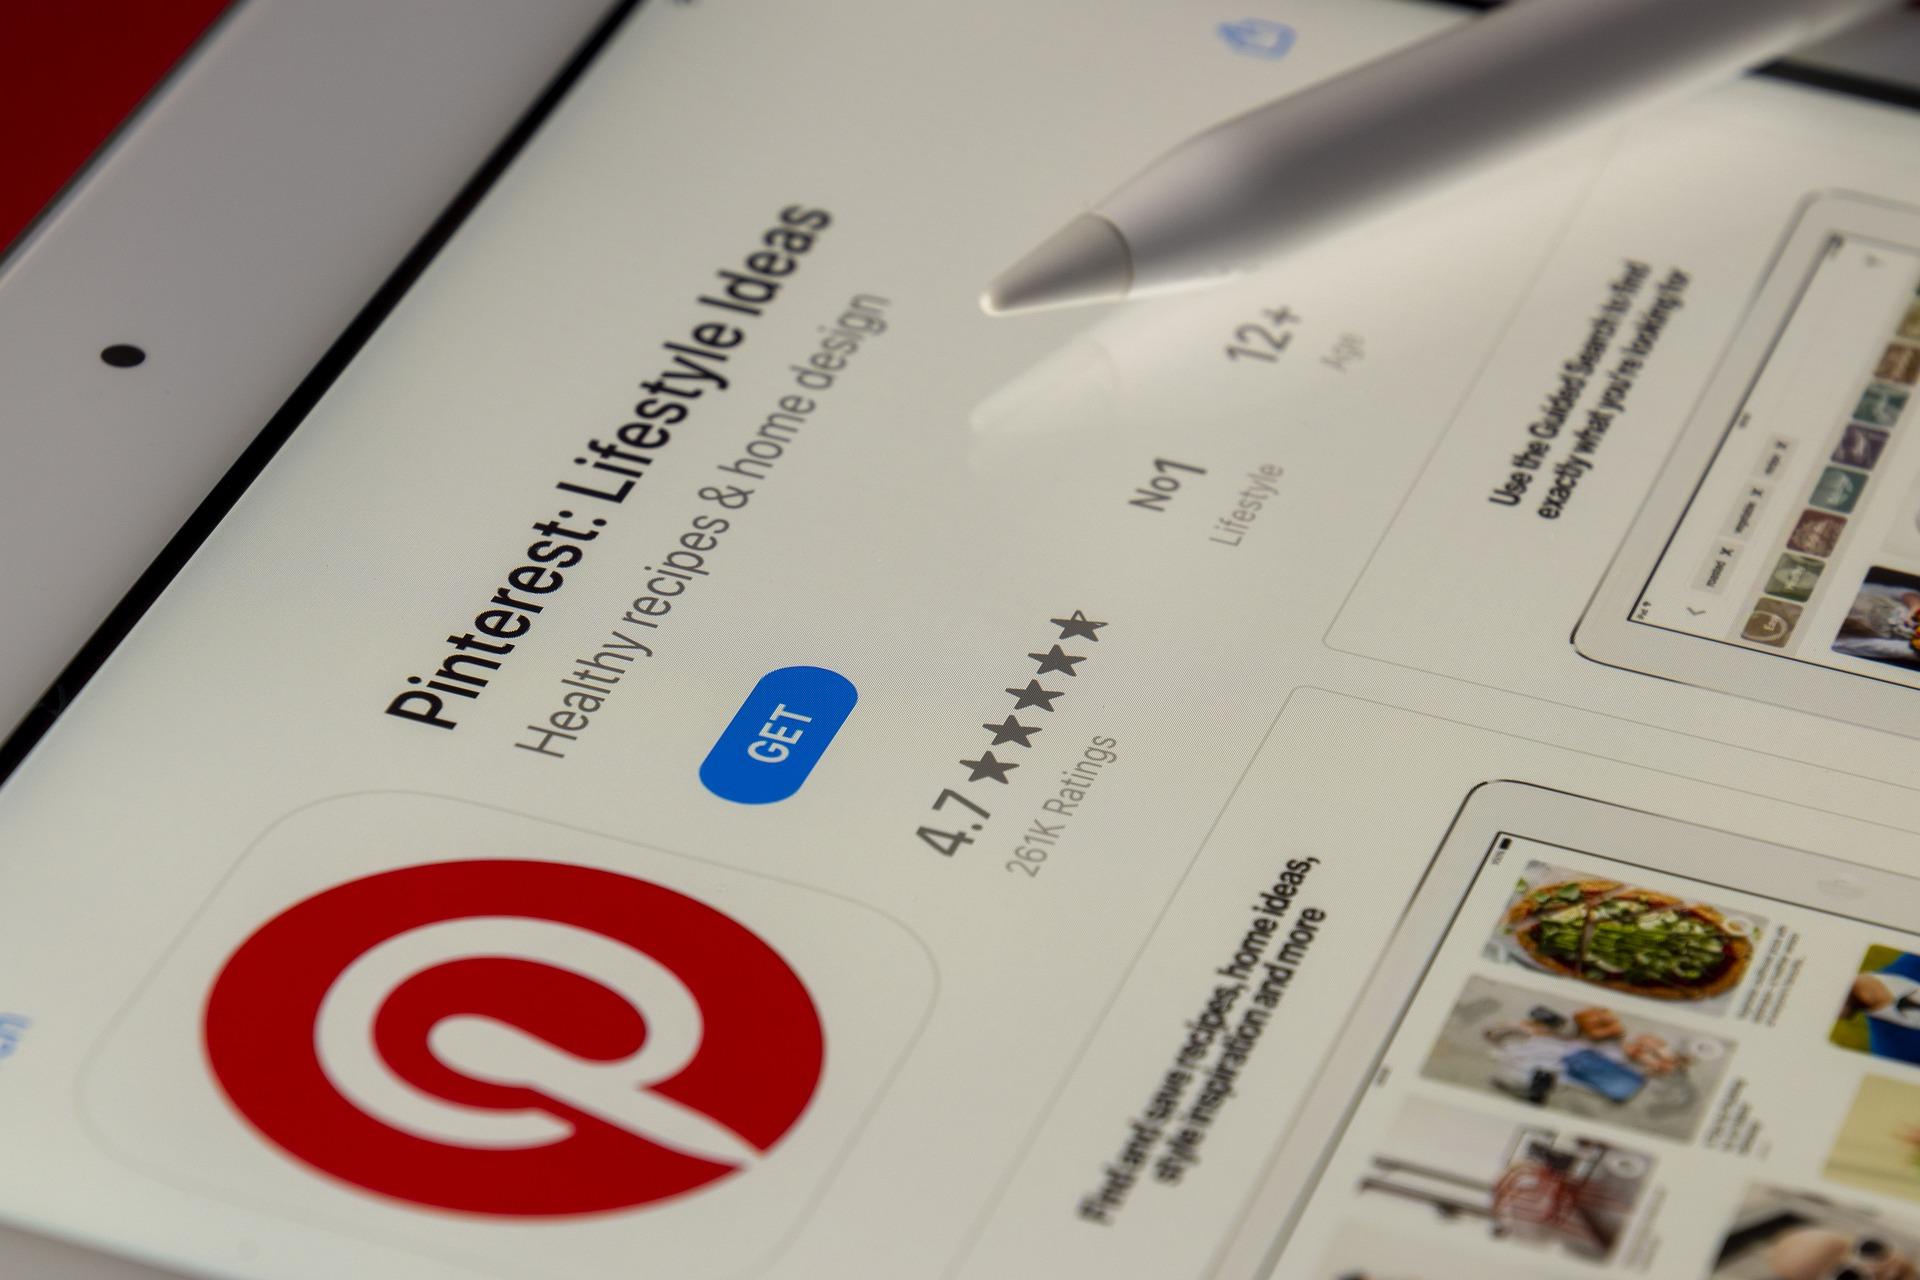 Como salvar vídeos do Pinterest: Guia passo-a-passo